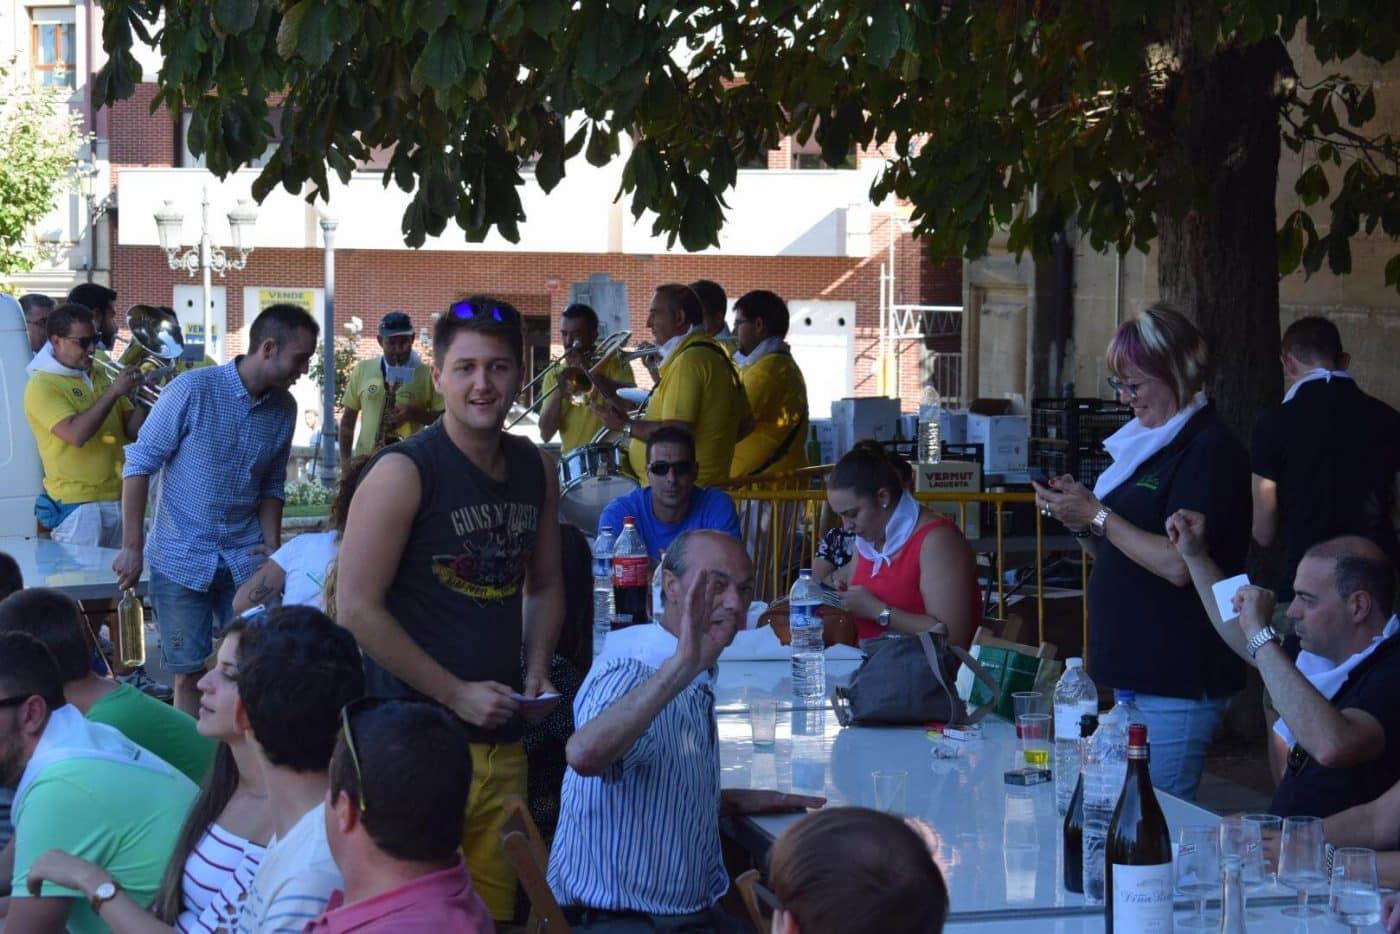 El soniquete binguero, colofón a la comida de hermandad del Barrio de las Huertas 39